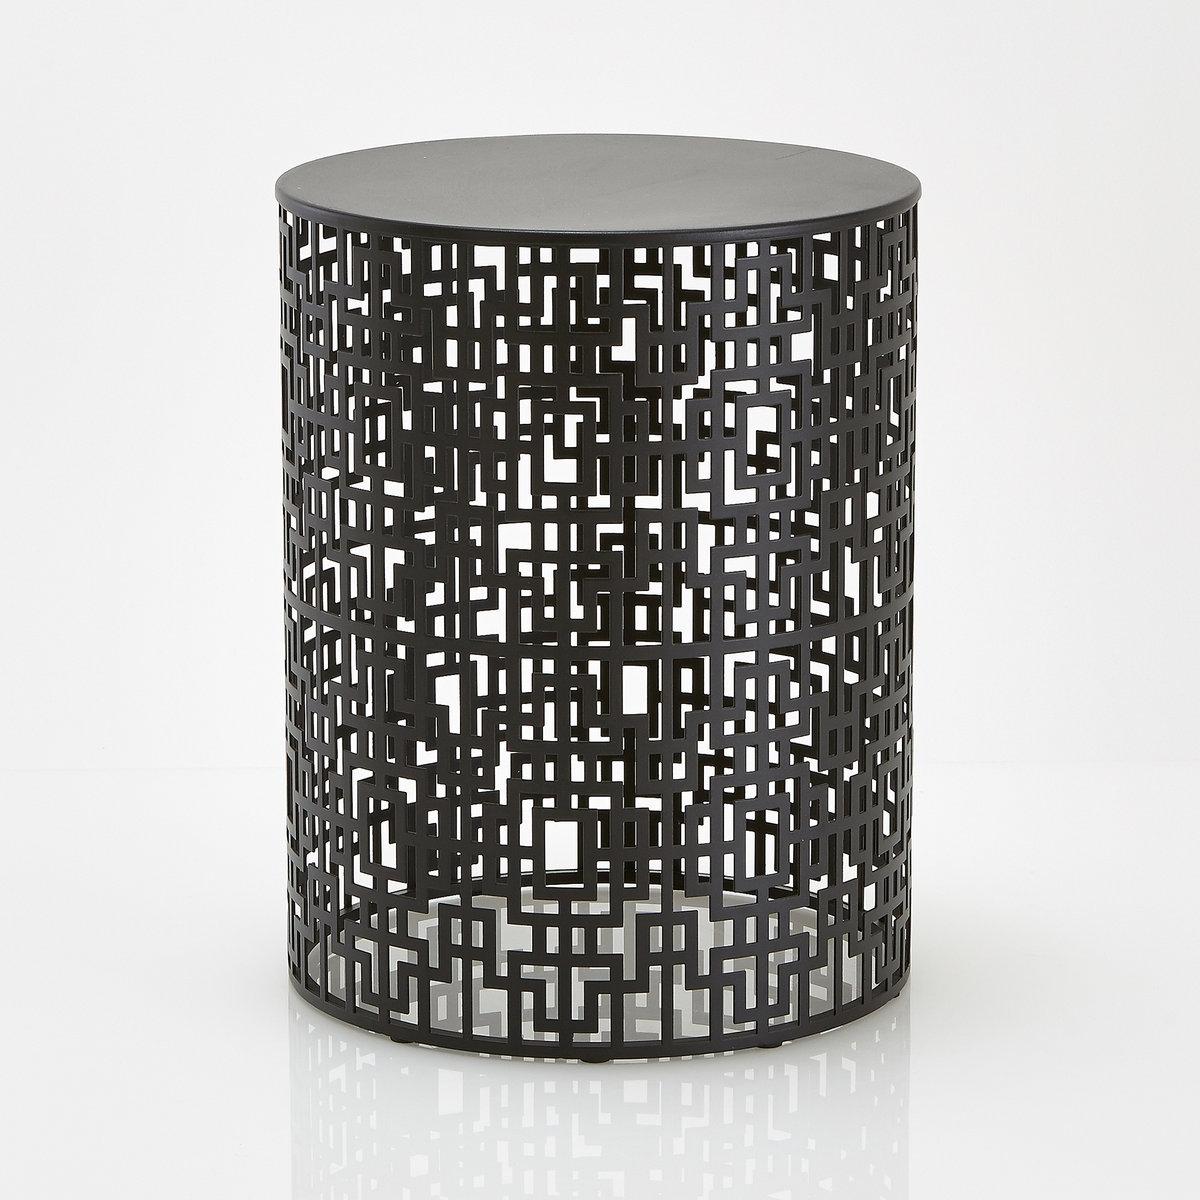 Столик журнальный из ажурного металла, GUEISHIего можно использовать, как низкий стол, журнальный, прикроватный столик и в других вариантах в зависимости от ваших потребностей   .Характеристики столика: столик с китайскими мотивами из лакированной стали с эпоксидным покрытием . Пластиковые ножки .Размеры столика :Общие :Ширина : 404 мм Высота : 520 мм Глубина : 404 мм Размеры и вес ящика :1 упаковка485 x 600 x 485 мм, 9.25 кгДоставка :Столик продается в собранном виде . Доставка будет осуществлена до квартиры !Внимание ! Убедитесь, что посылку возможно доставить на дом, учитывая ее габариты:<br><br>Цвет: черный